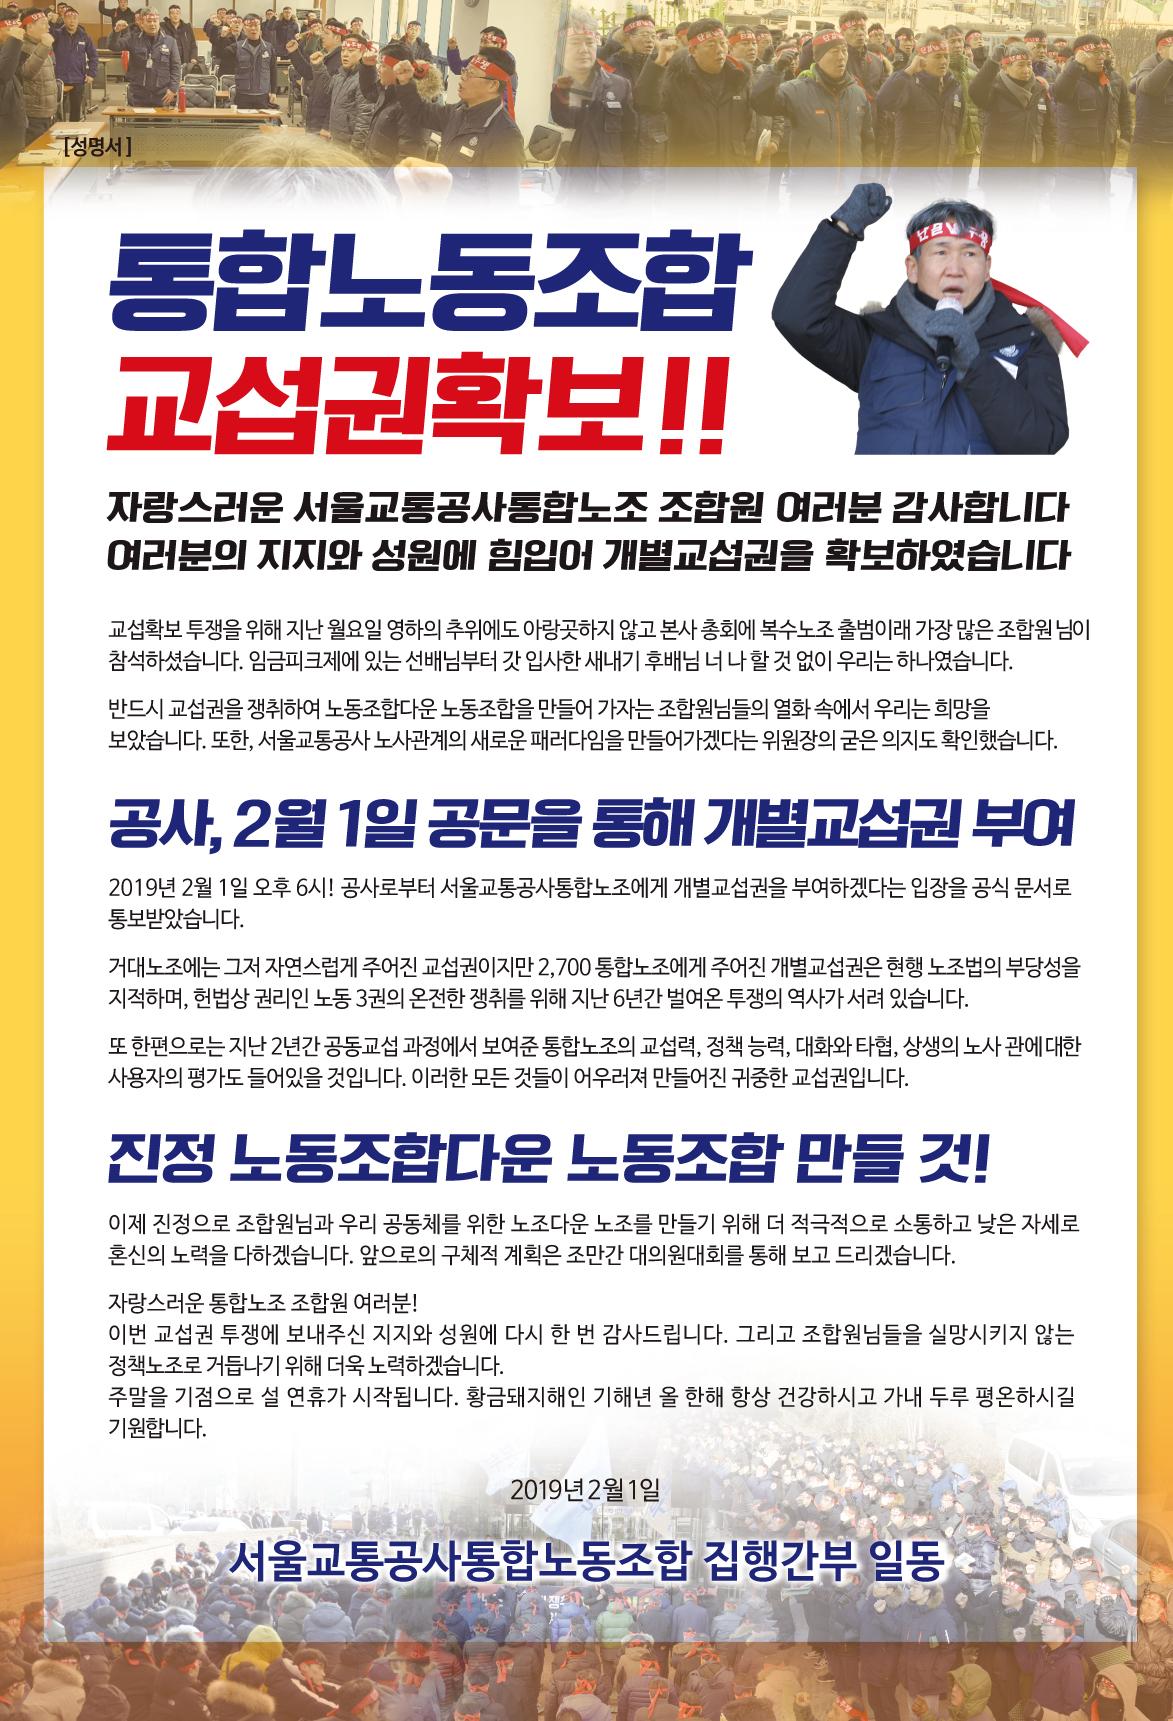 2019_교섭권확보성명서OKout.jpg